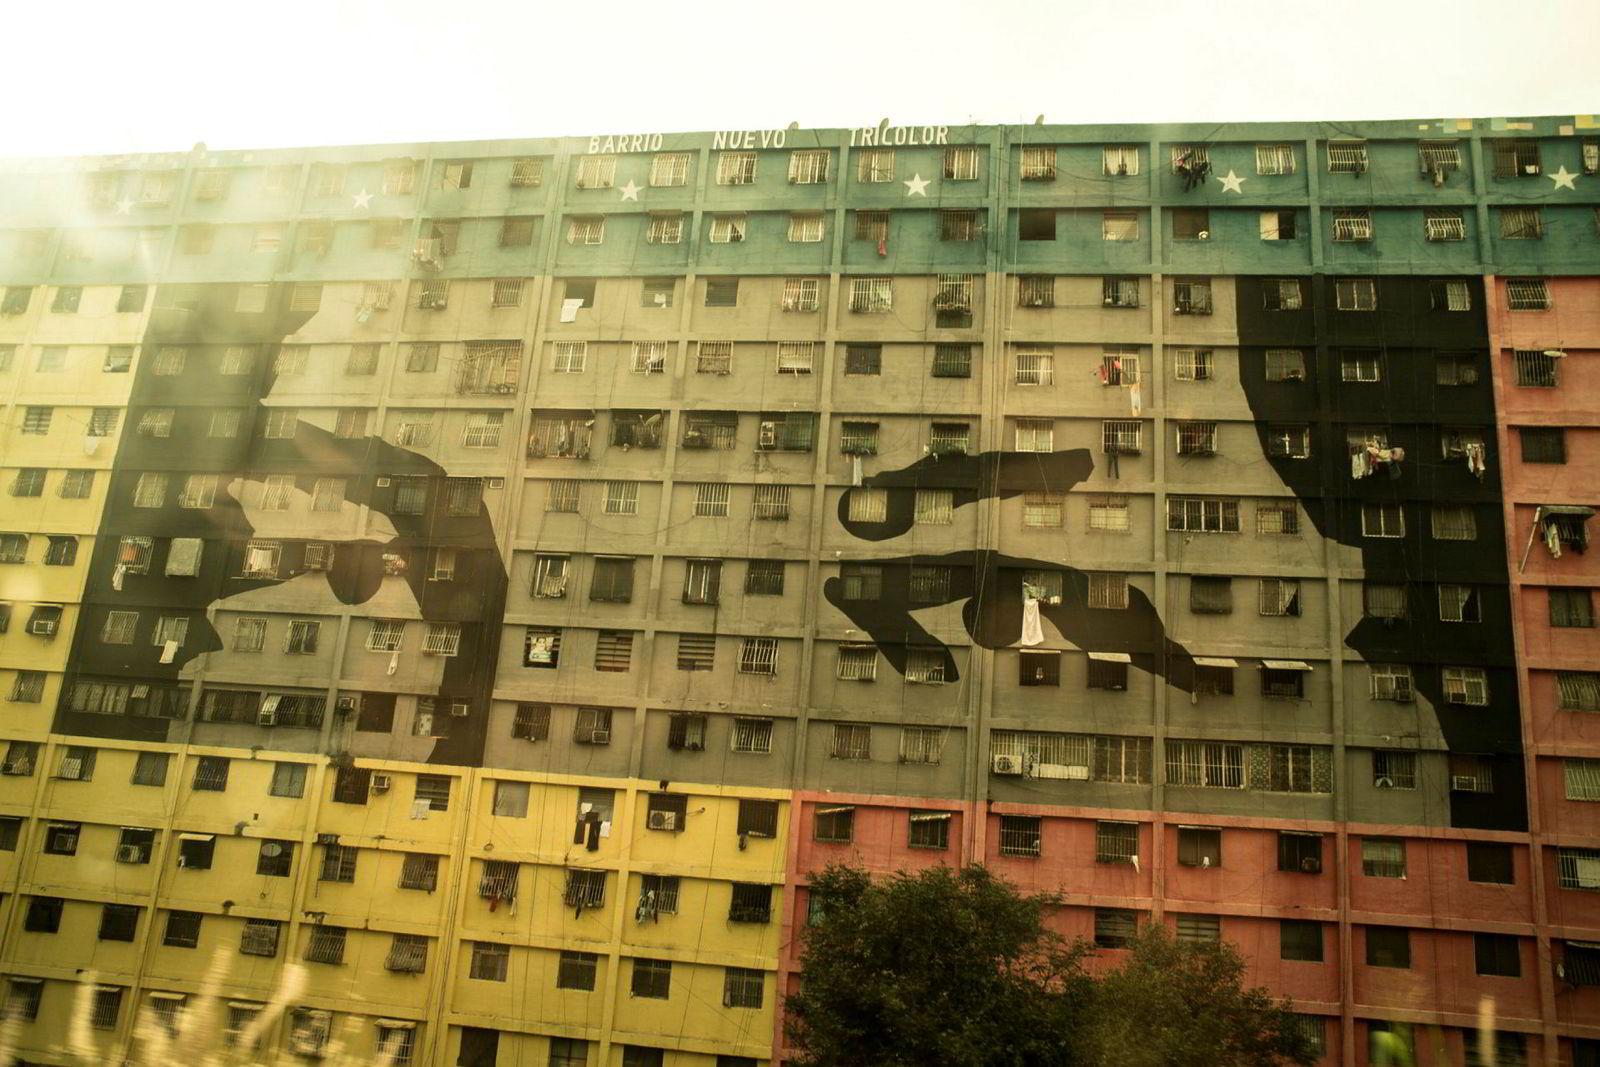 Den avdøde presidenten Hugo Chávez på fasaden til en boligblokk i en slum i Caracas. Regimet mener det allestedsværende blikket skal minne folket om deres ideologiske forpliktelser.